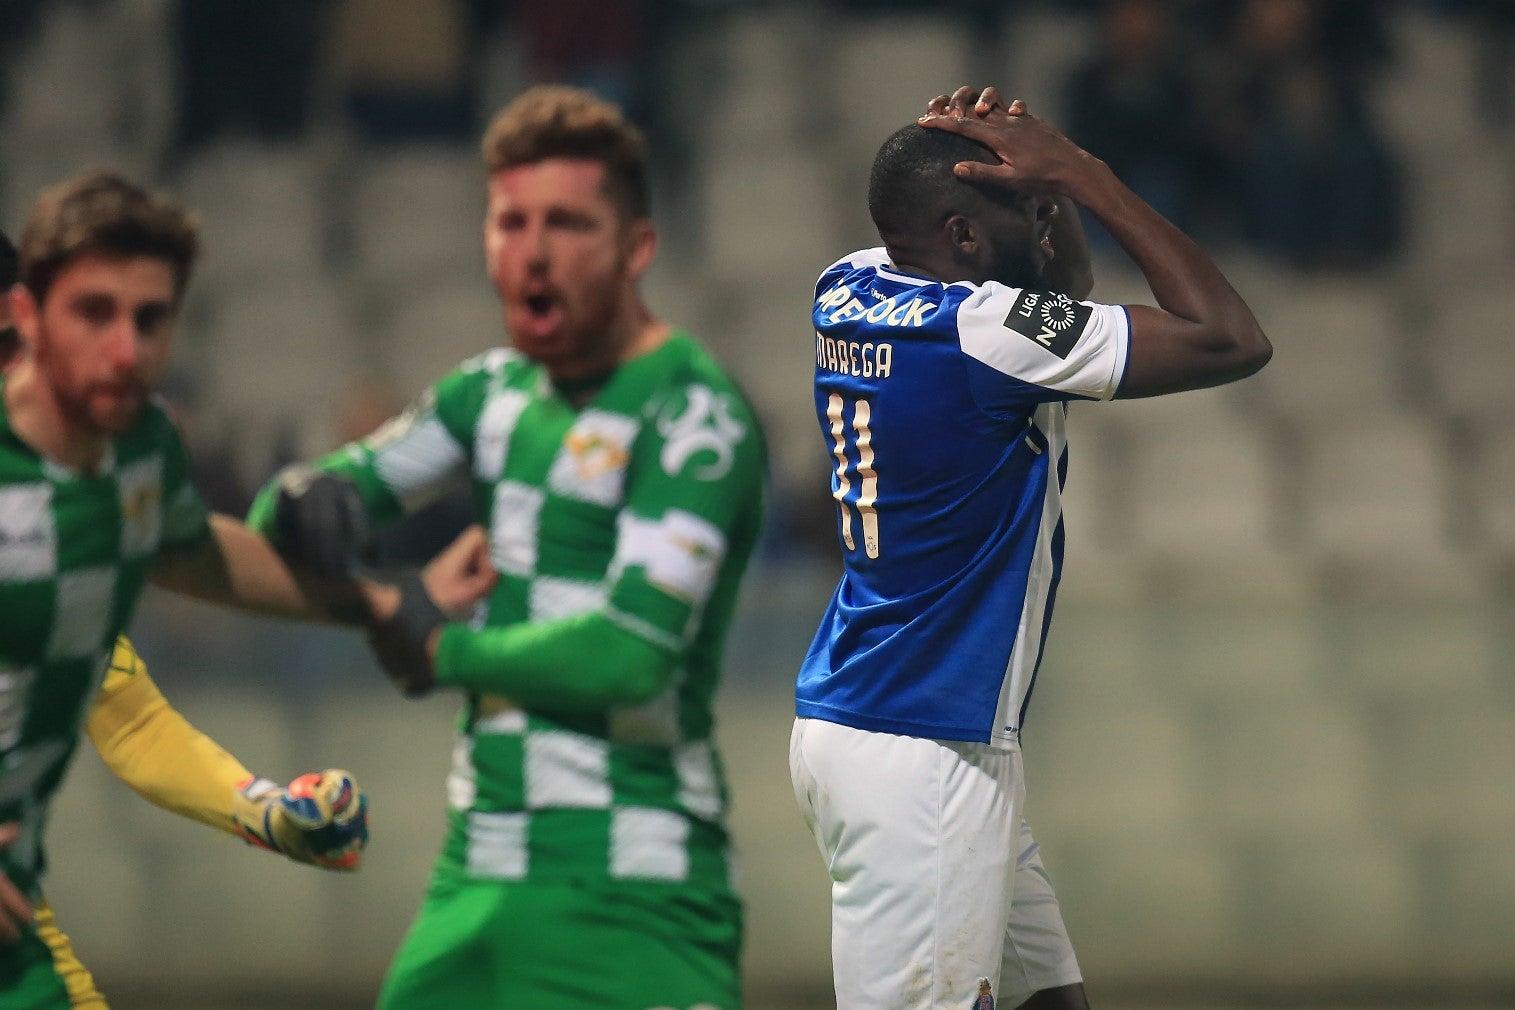 Guarda-redes do Moreirense julgava que o FC Porto tinha ganho — Insólito